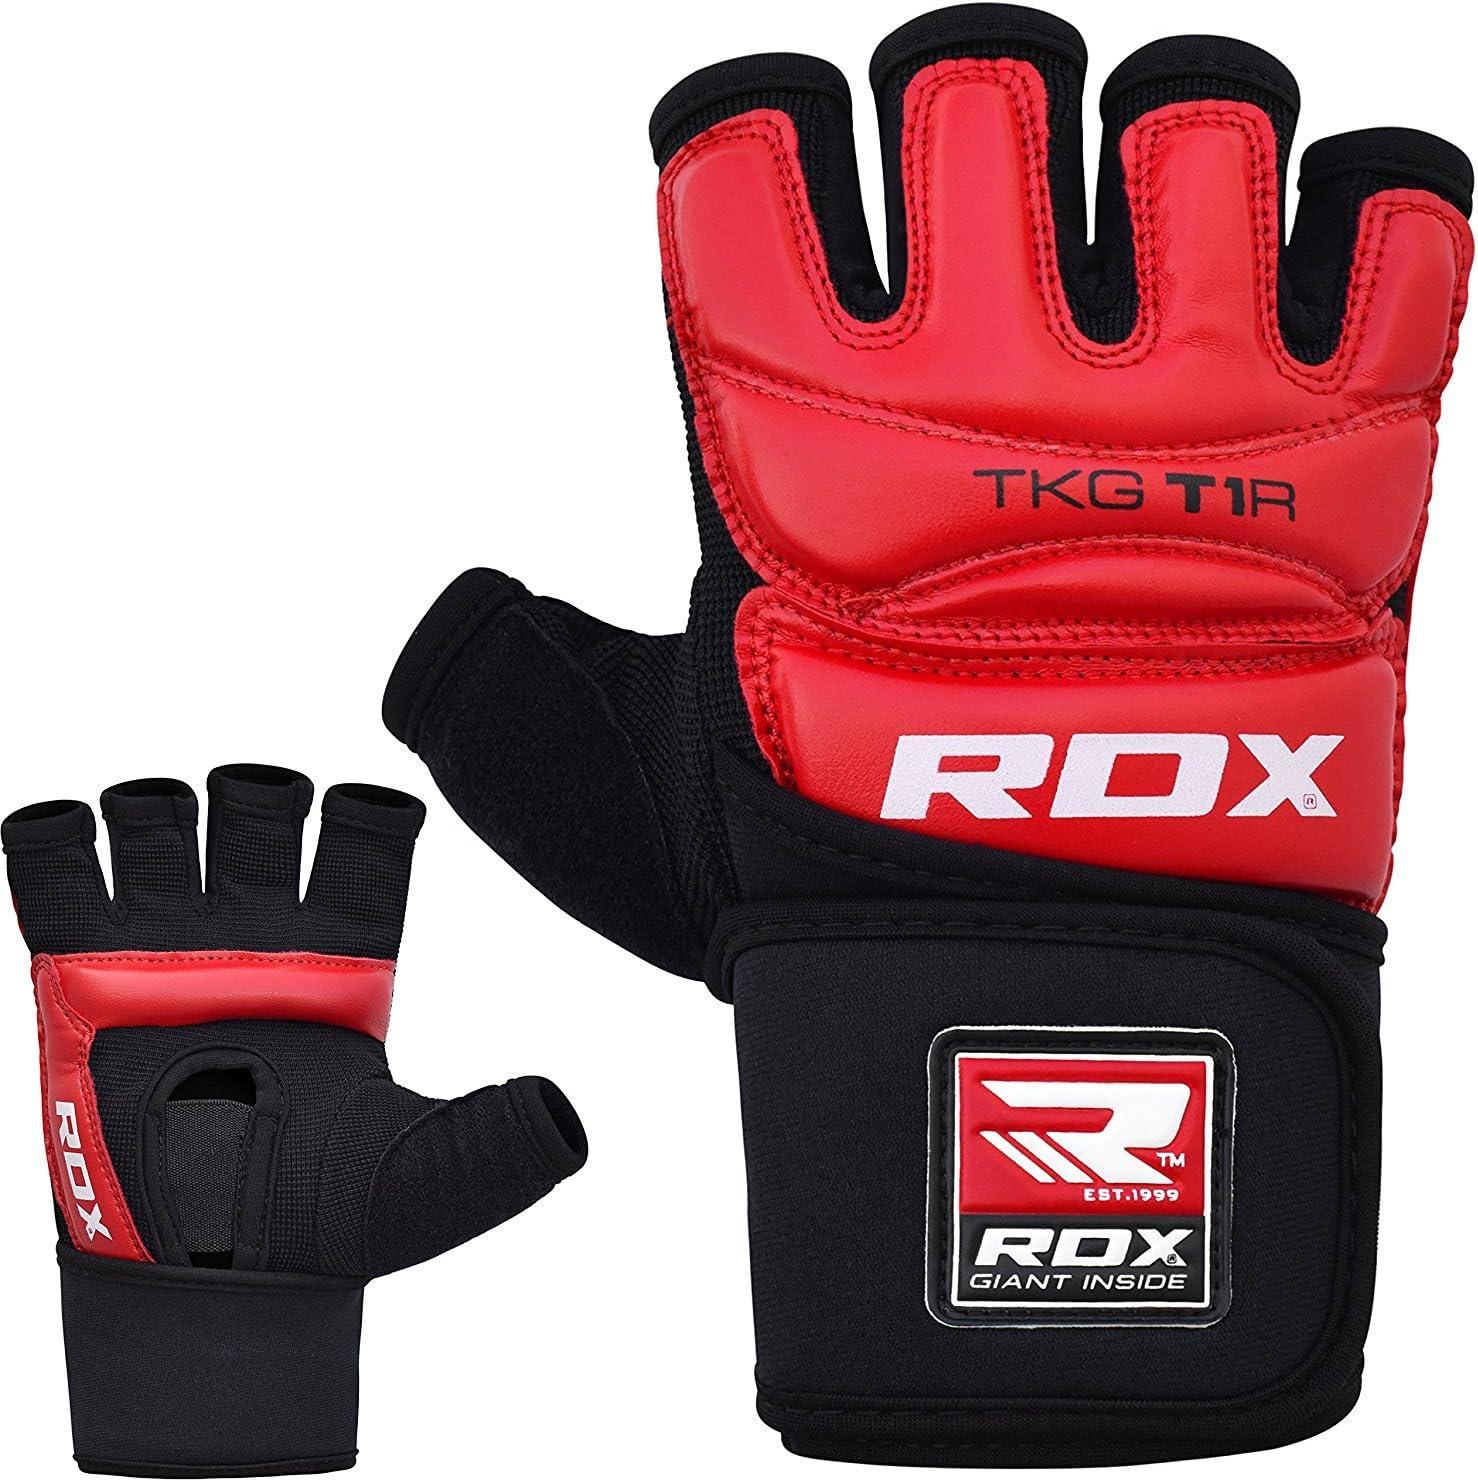 RDX Taekwondo WTF Guantes Entrenamiento Karate TKD Artes Marciales Sparring Combat Grappling Protecci/ón Las Manos